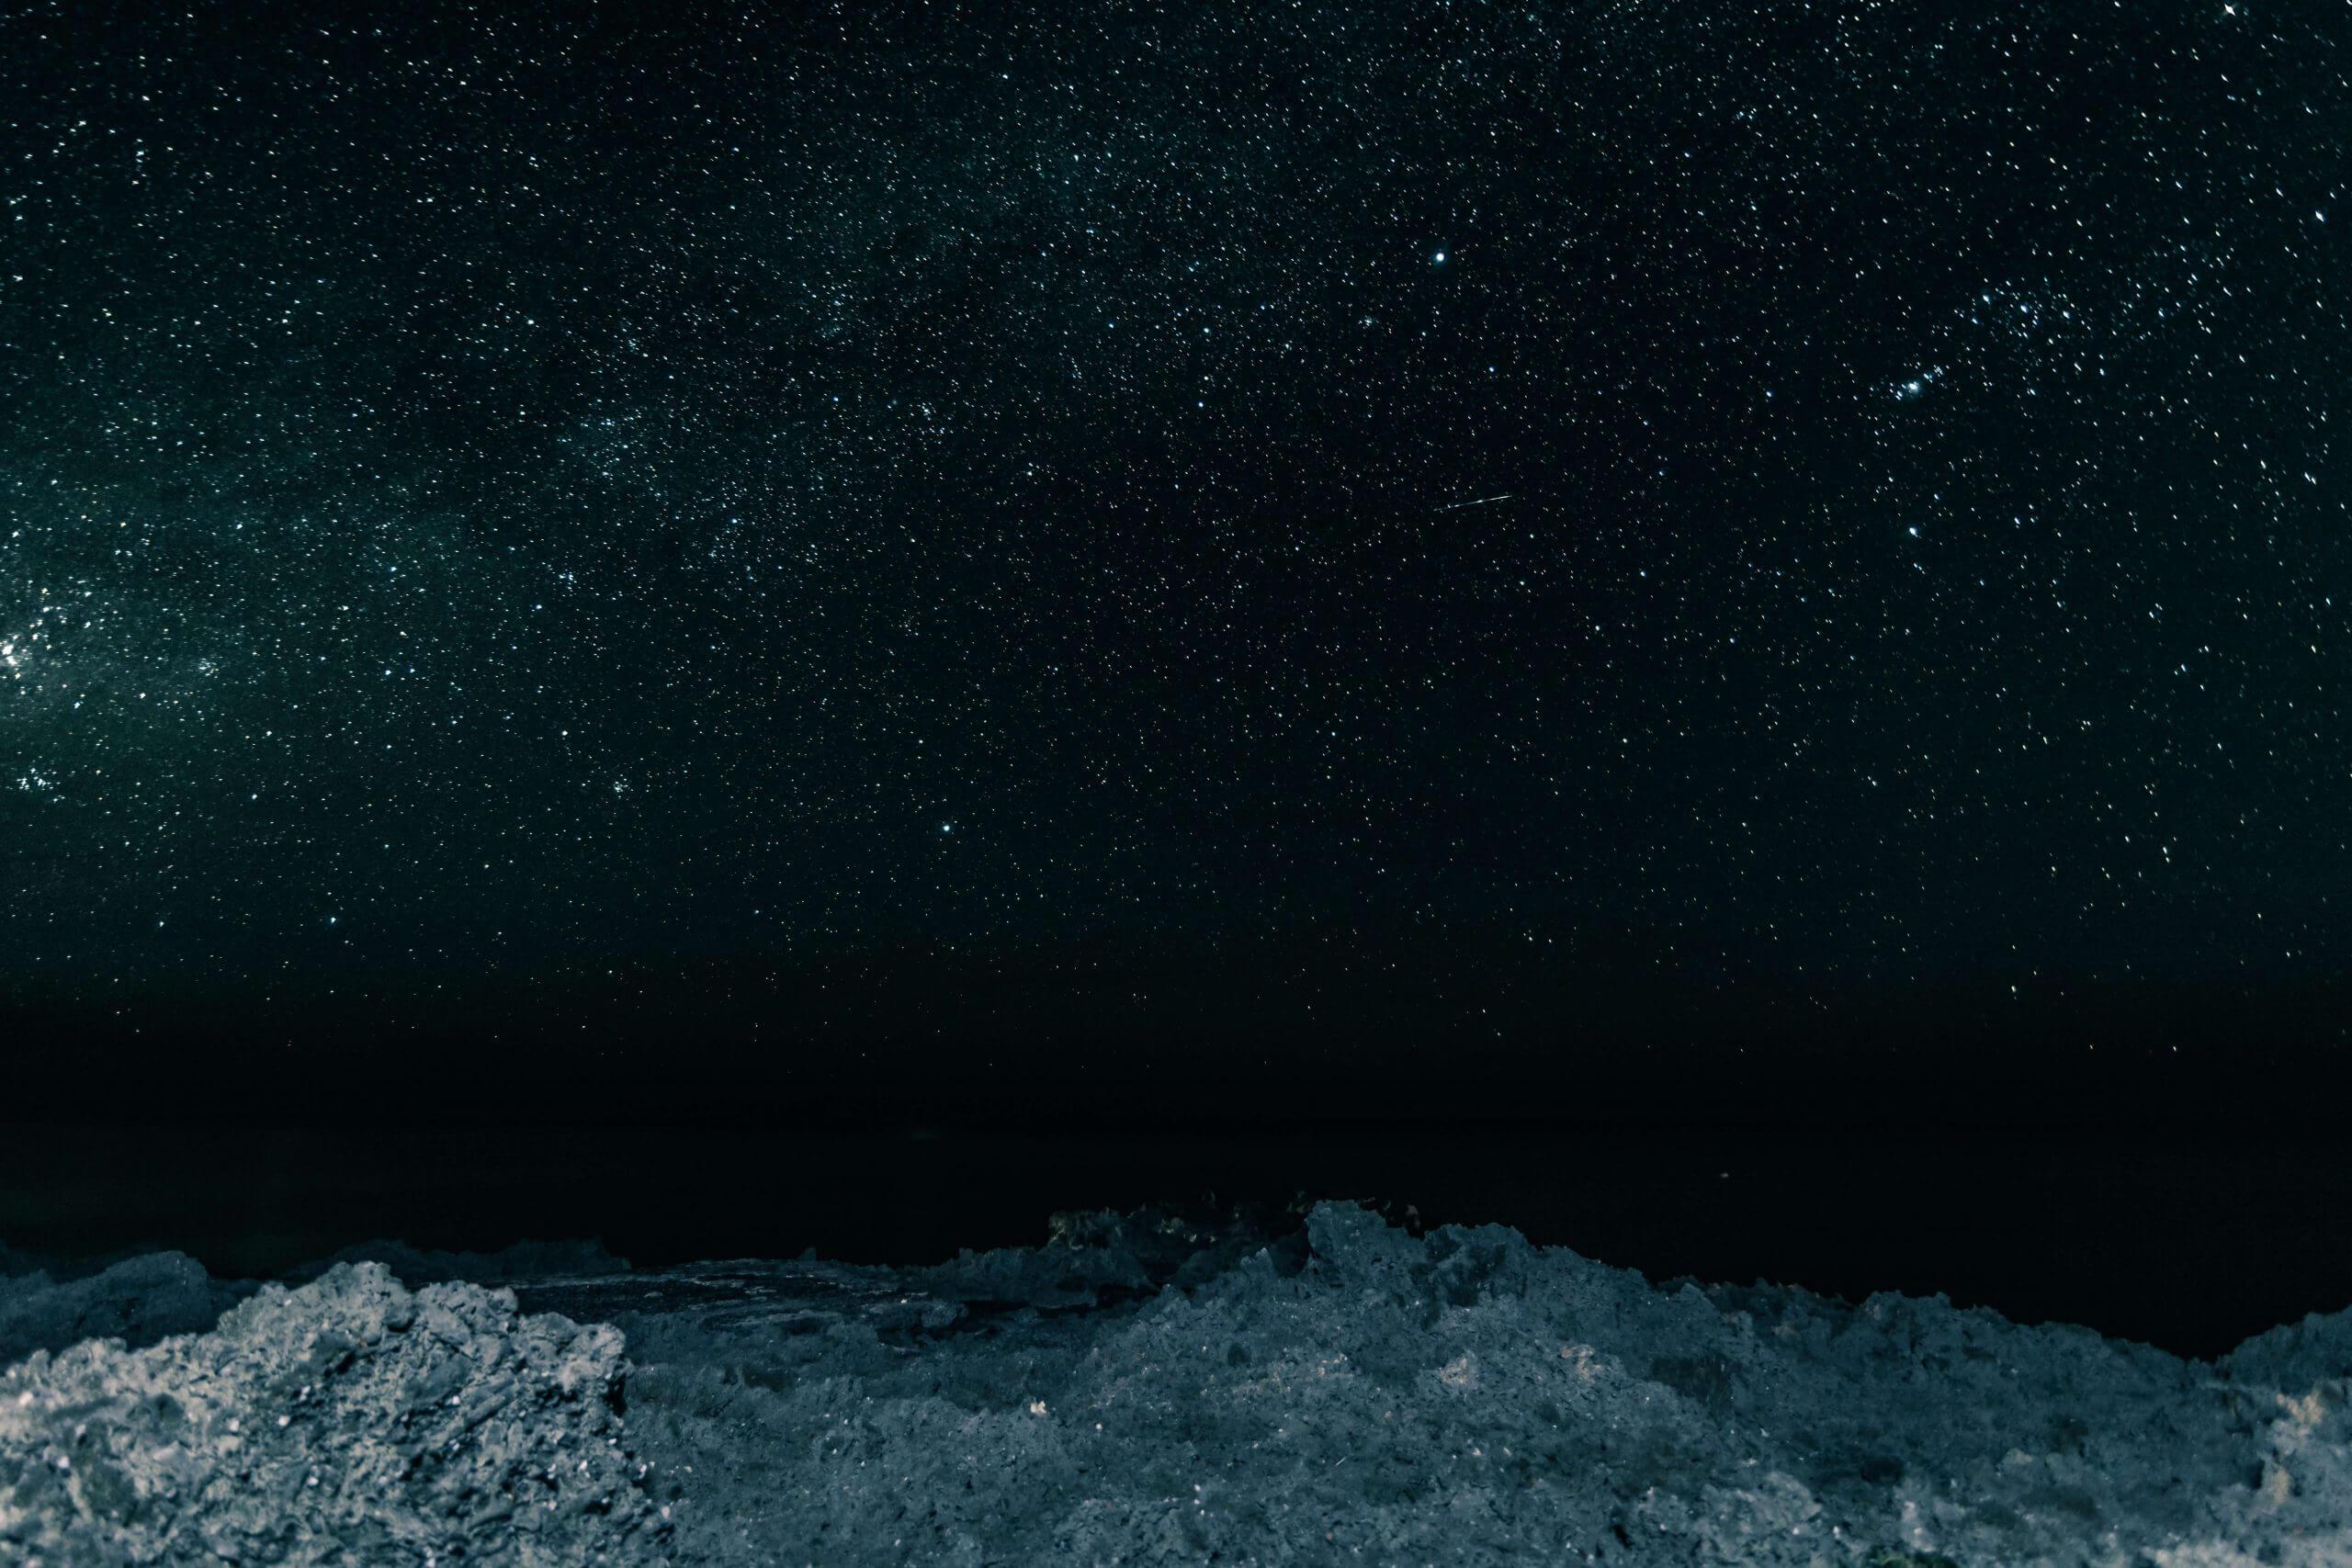 fotografía nocturna estrellas